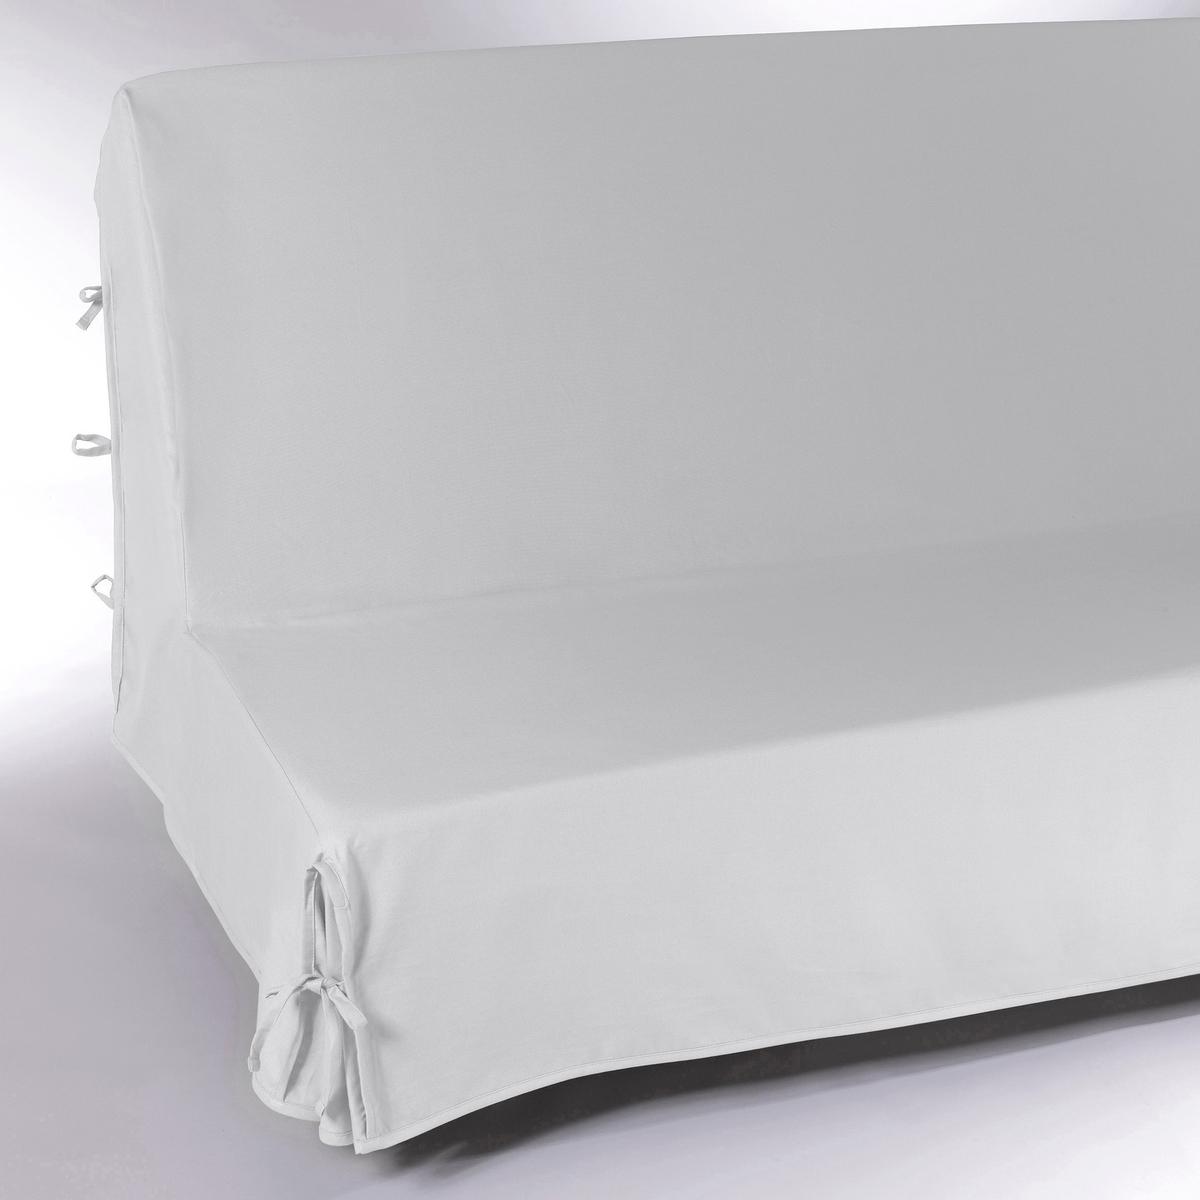 Чехол для дивана-книжкиЧехол для дивана-книжки из 100% хлопка, широкая гамма ультрасовременных цветов. Подарите новую жизнь дивану ! Характеристики чехла для дивана-книжки:Чехол для дивана-книжки из красивого плотного материала, 100% хлопок (220 г/м?), есть 13 цветов.Полностью закрывает диван включая спинку:: удобные клапаны фиксируются завязками.Простой уход : стирка при 40°, превосходная стойкость цвета.Обработка против пятен.       Размеры чехла для дивана-книжки : Ширина : 190 см, Глубина: 65 см. Для спального места от 120 до 136 см в разложенном состоянии.Качество Valeur S?re.              Сертфикат Oeko-Tex® дает гарантию того, что товары изготовлены без применения химических средств и не представляют опасности для здоровья человека.<br><br>Цвет: антрацит,белый,медовый,облачно-серый,рубиново-красный,серо-коричневый каштан,сине-зеленый,синий индиго,сливовый,черный,экрю<br>Размер: единый размер.единый размер.единый размер.единый размер.единый размер